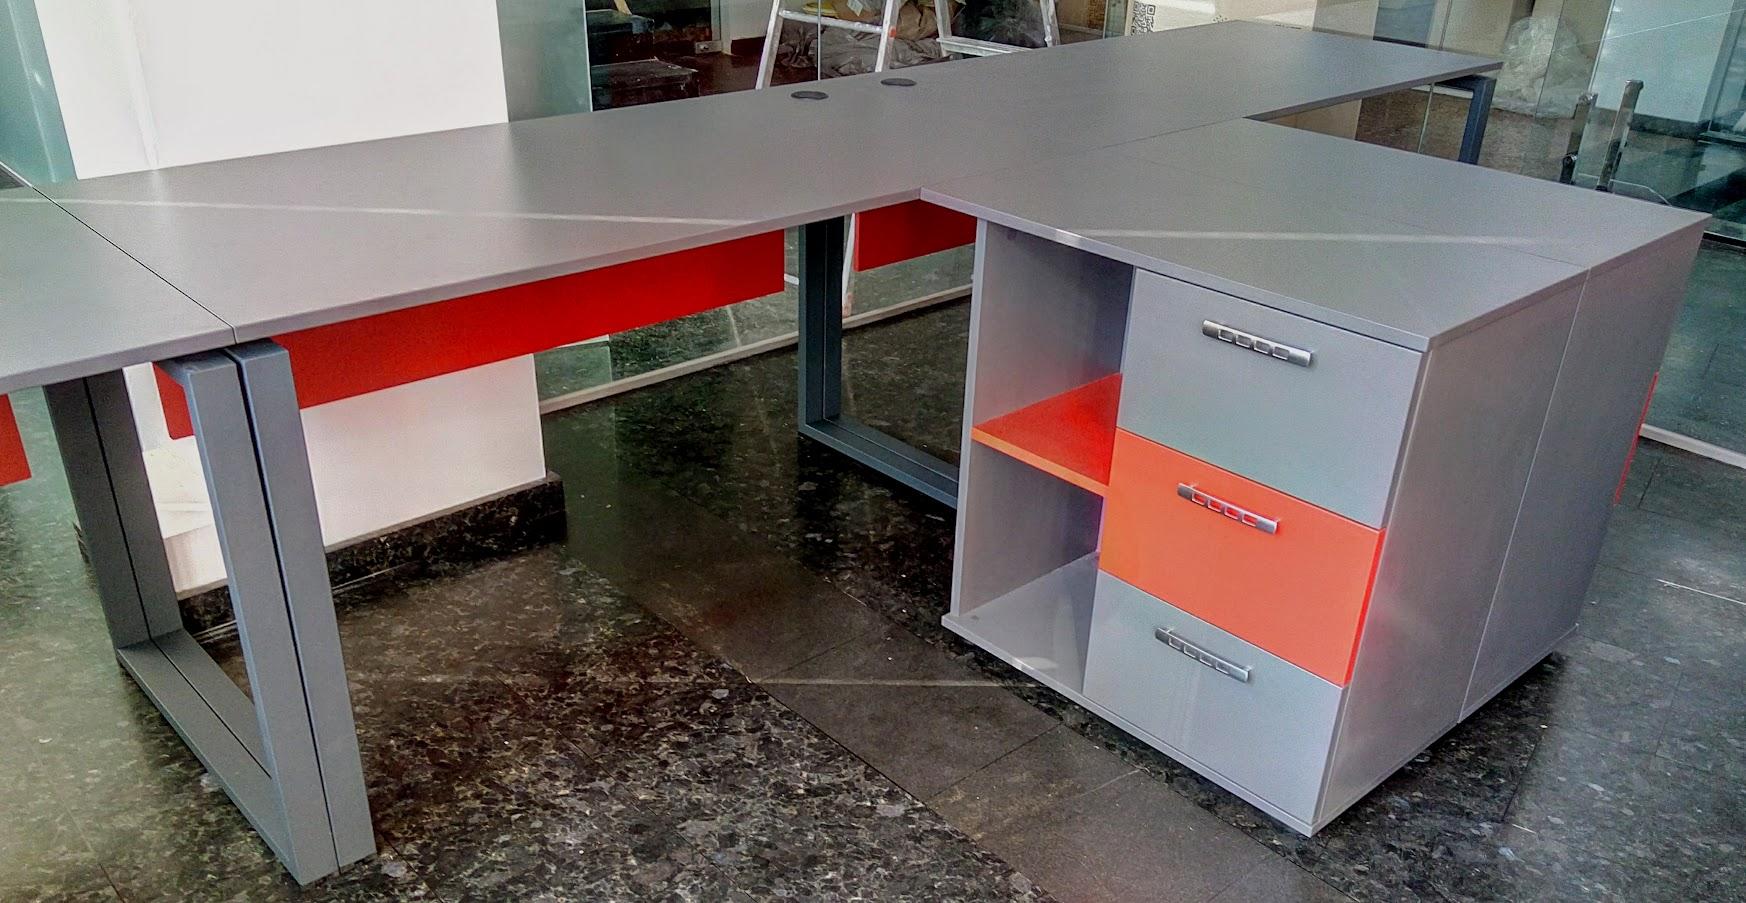 Стационарная тумба - Модульная офисная мебель, Металлические каркасы столов, Мебельные опоры ✆ 0679245444